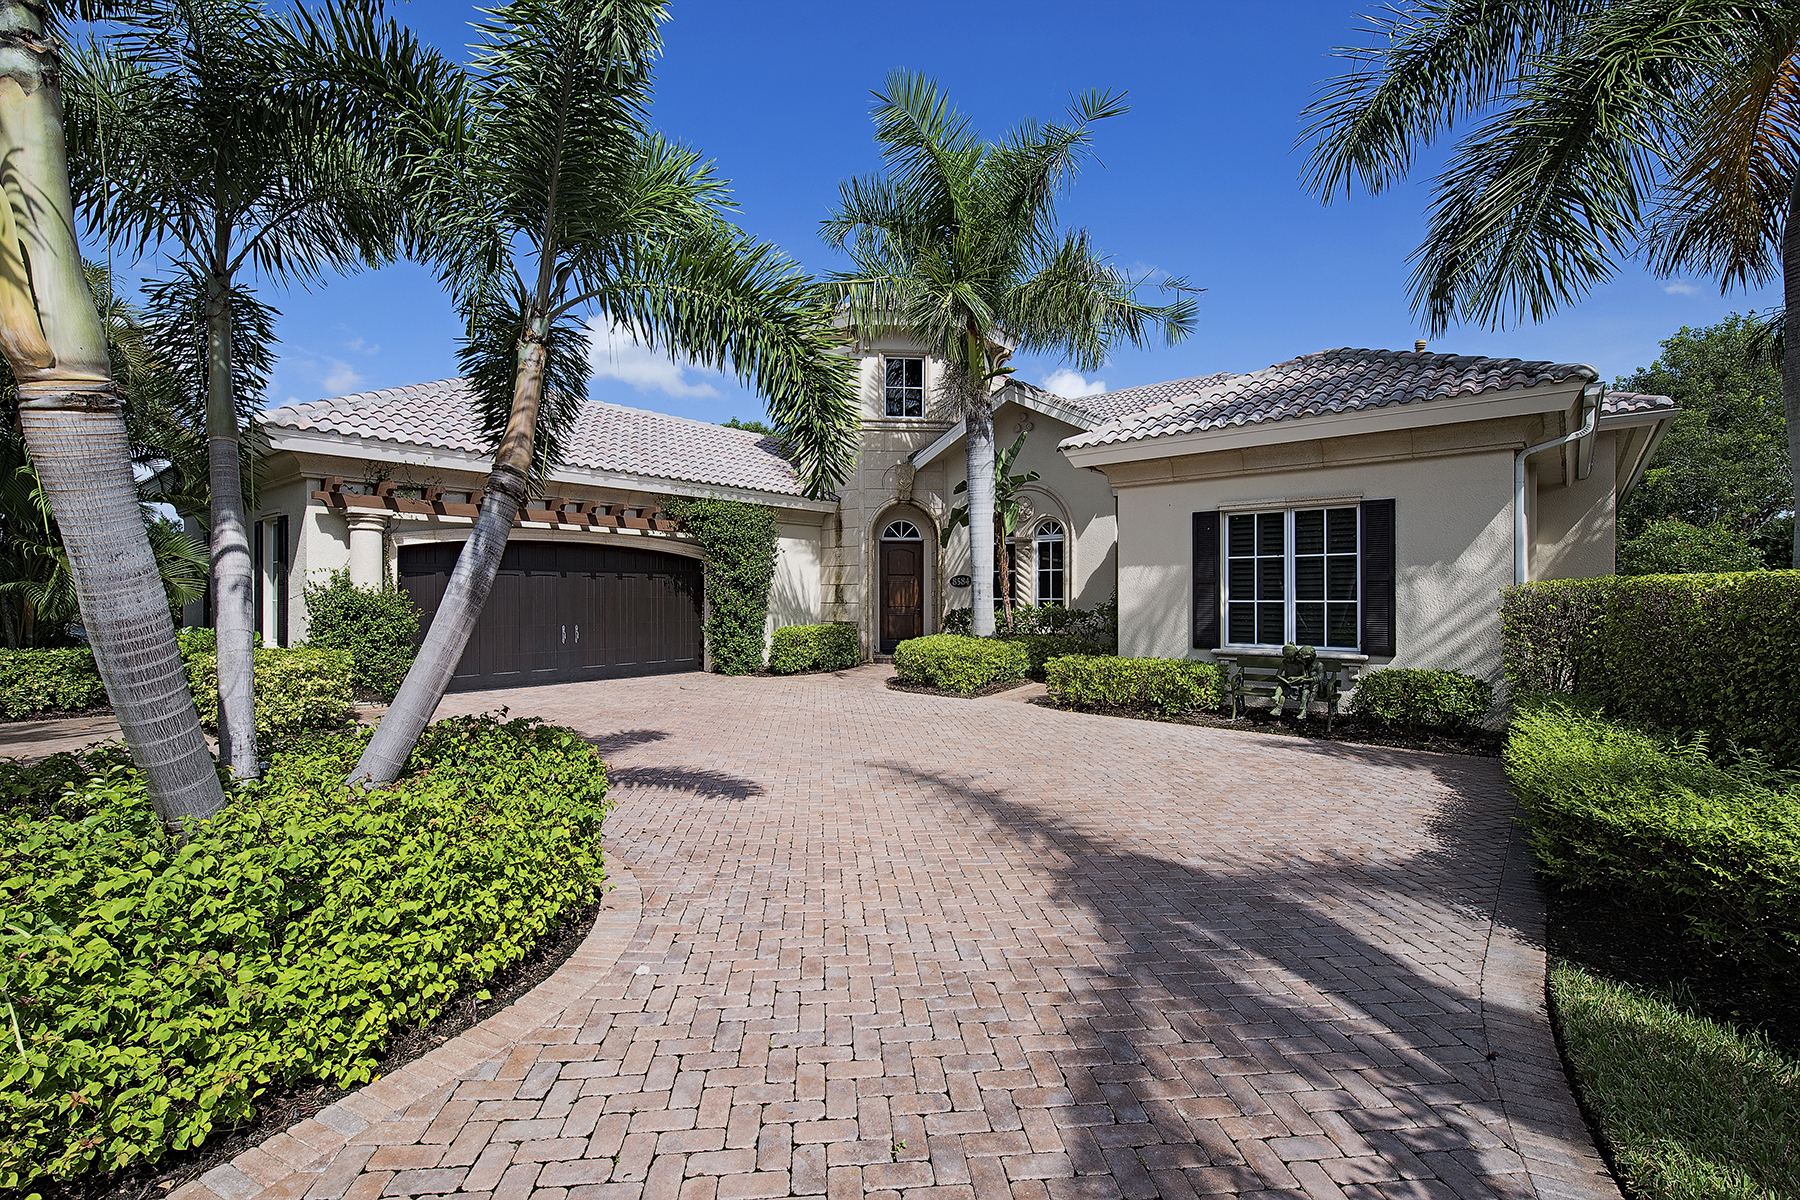 Maison unifamiliale pour l Vente à FIDDLER'S CREEK - MAJORCA 8584 Majorca Ln Naples, Florida 34114 États-Unis